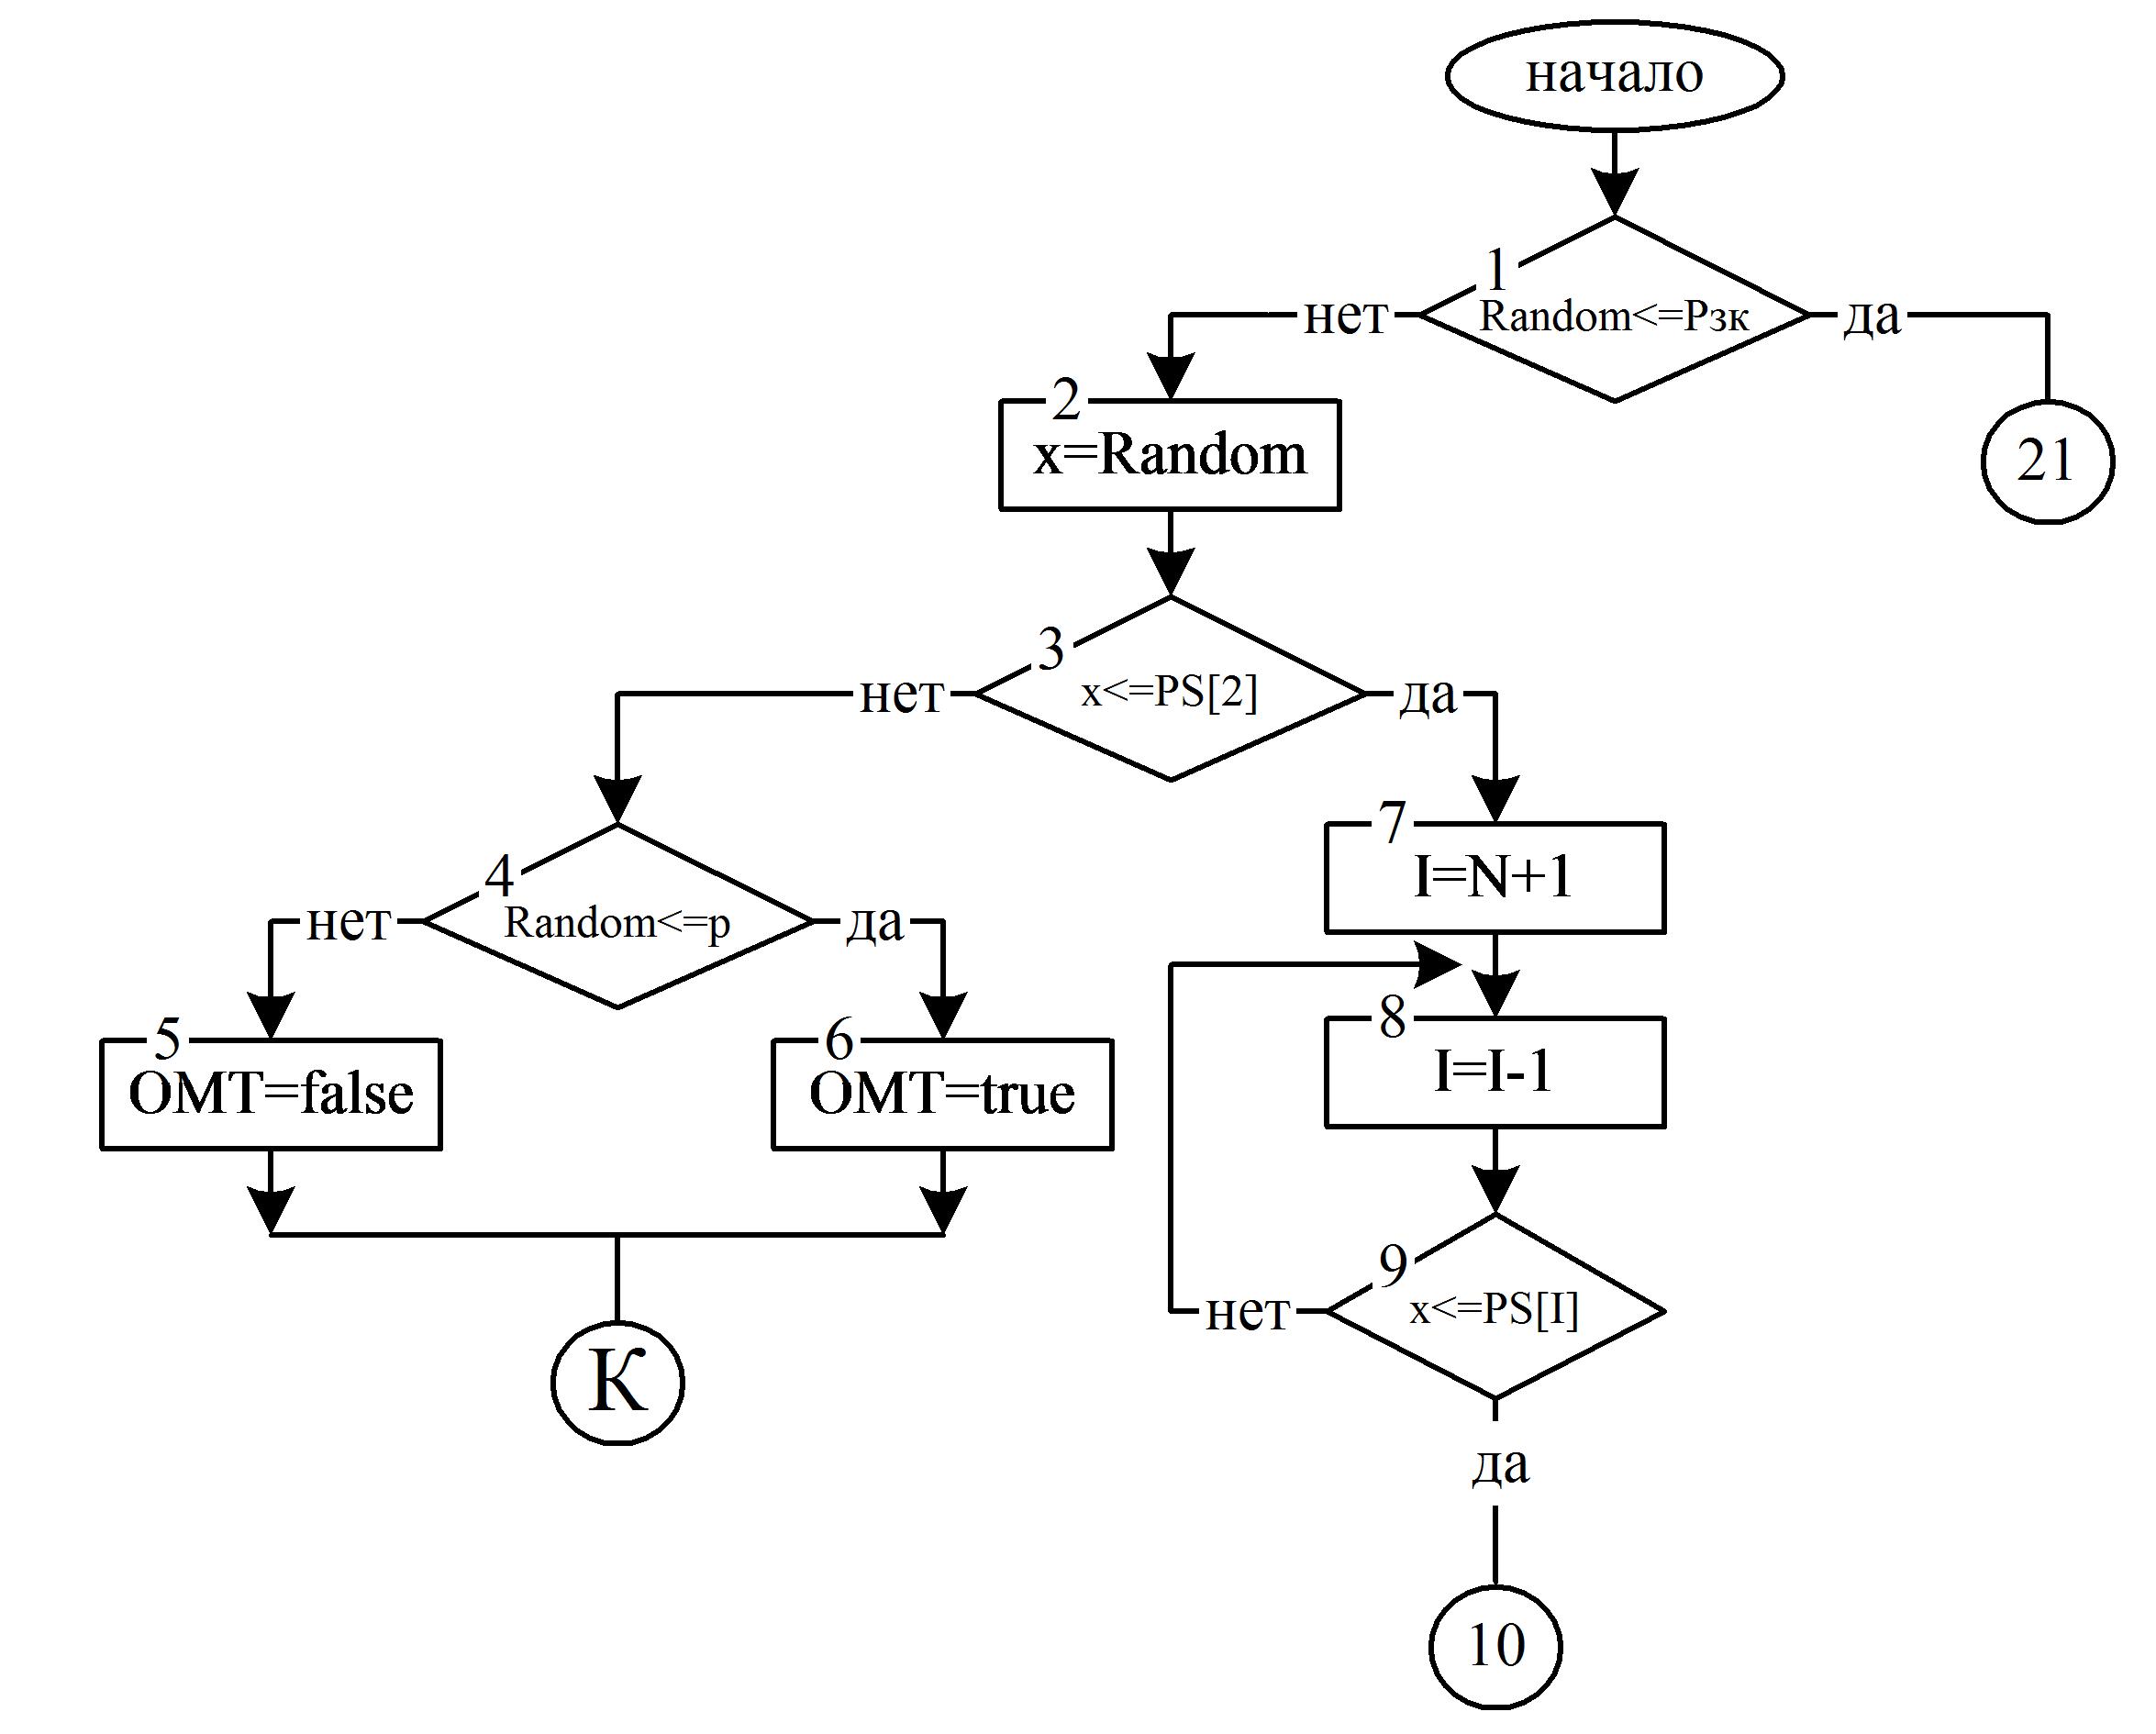 Алгоритмы и блок схемы тесты с ответами